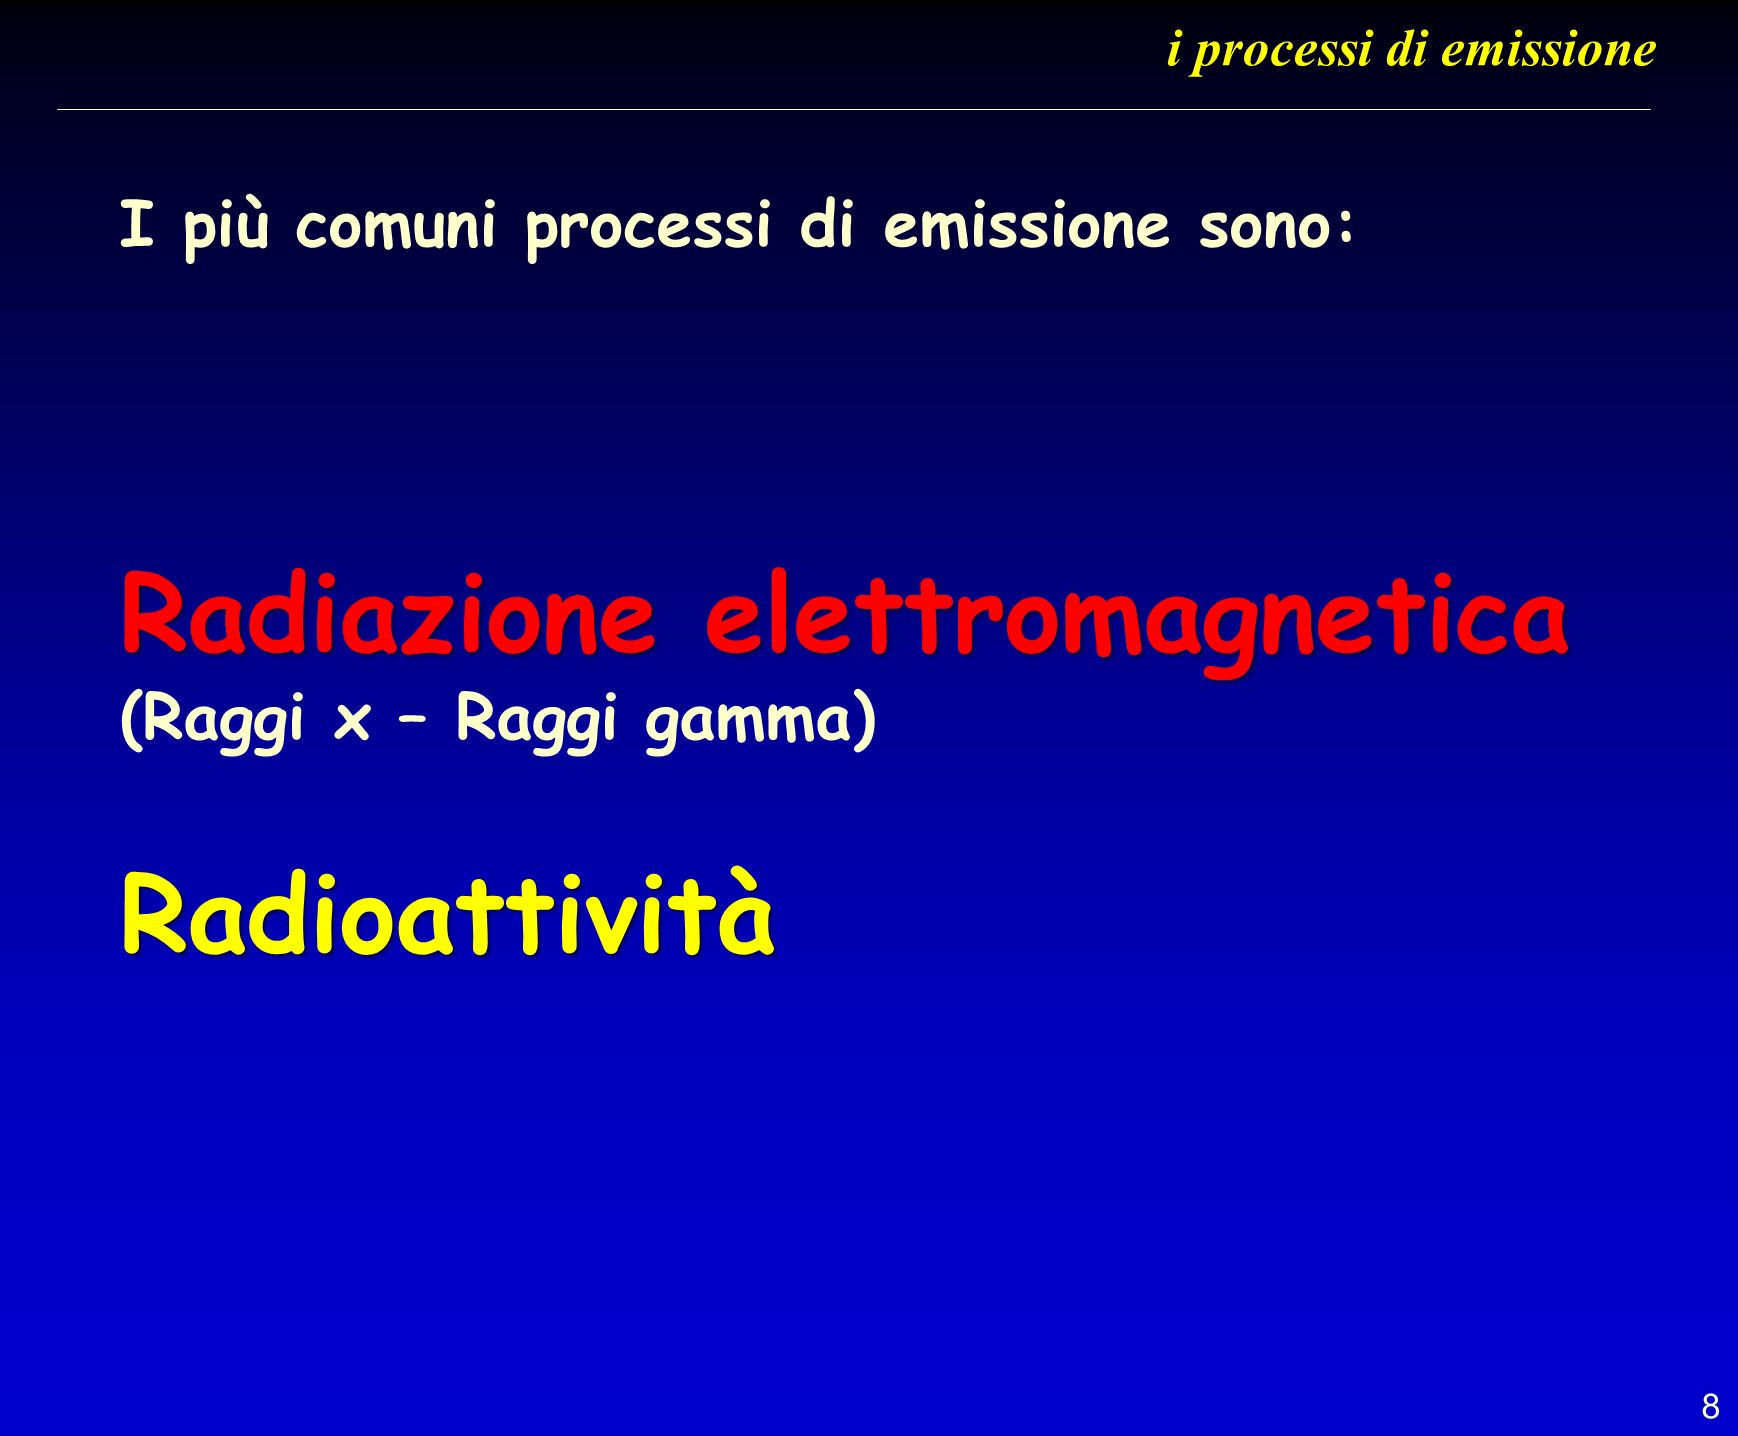 59 modalità di esposizione nelle sale radiologiche